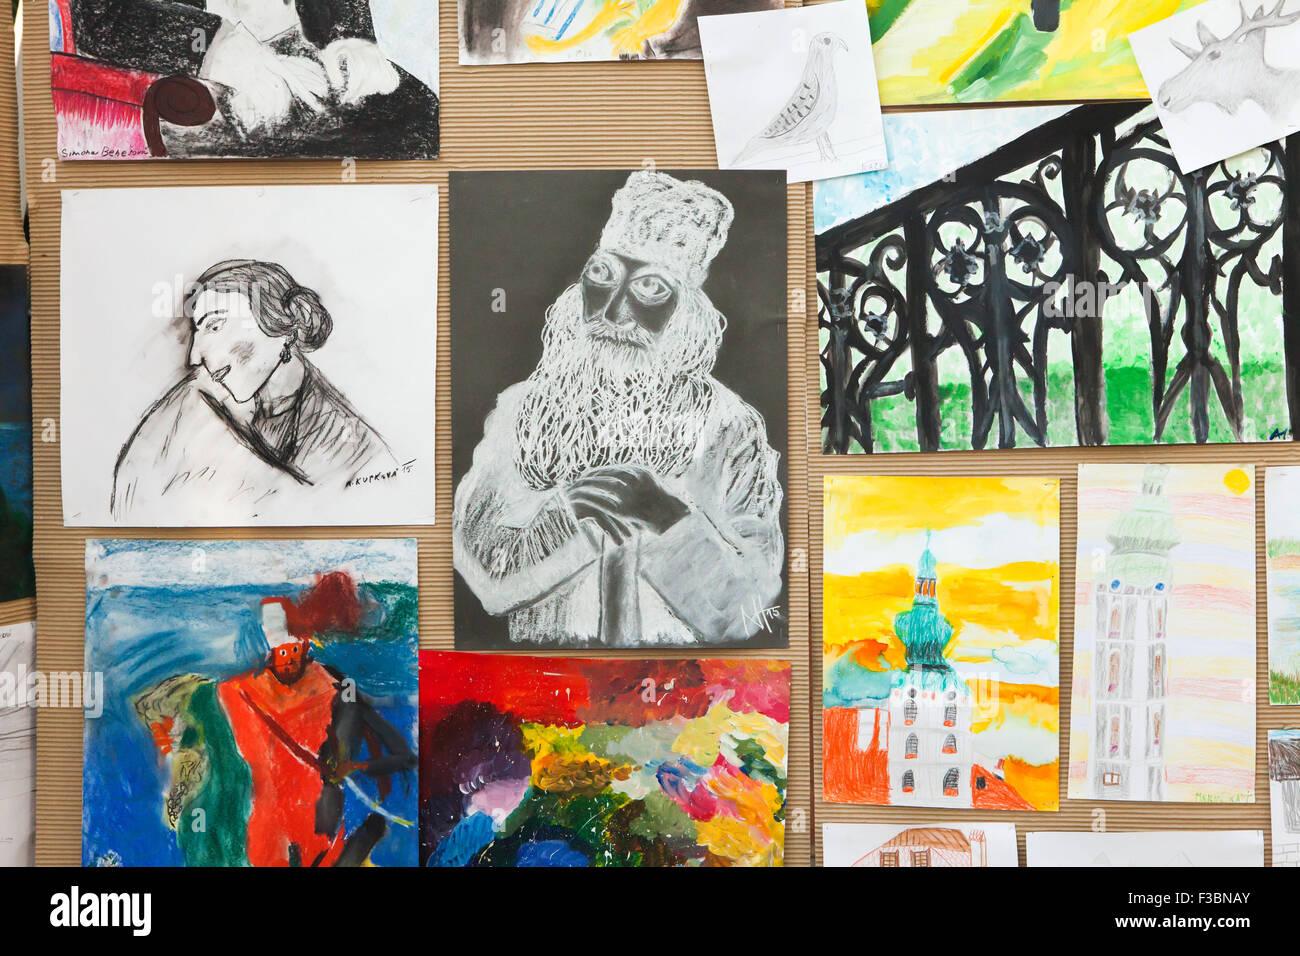 Lustigen alten Mann gezeigt auf der Ausstellung der Zeichnungen des Kindes in den Süden Westböhmische Stockbild